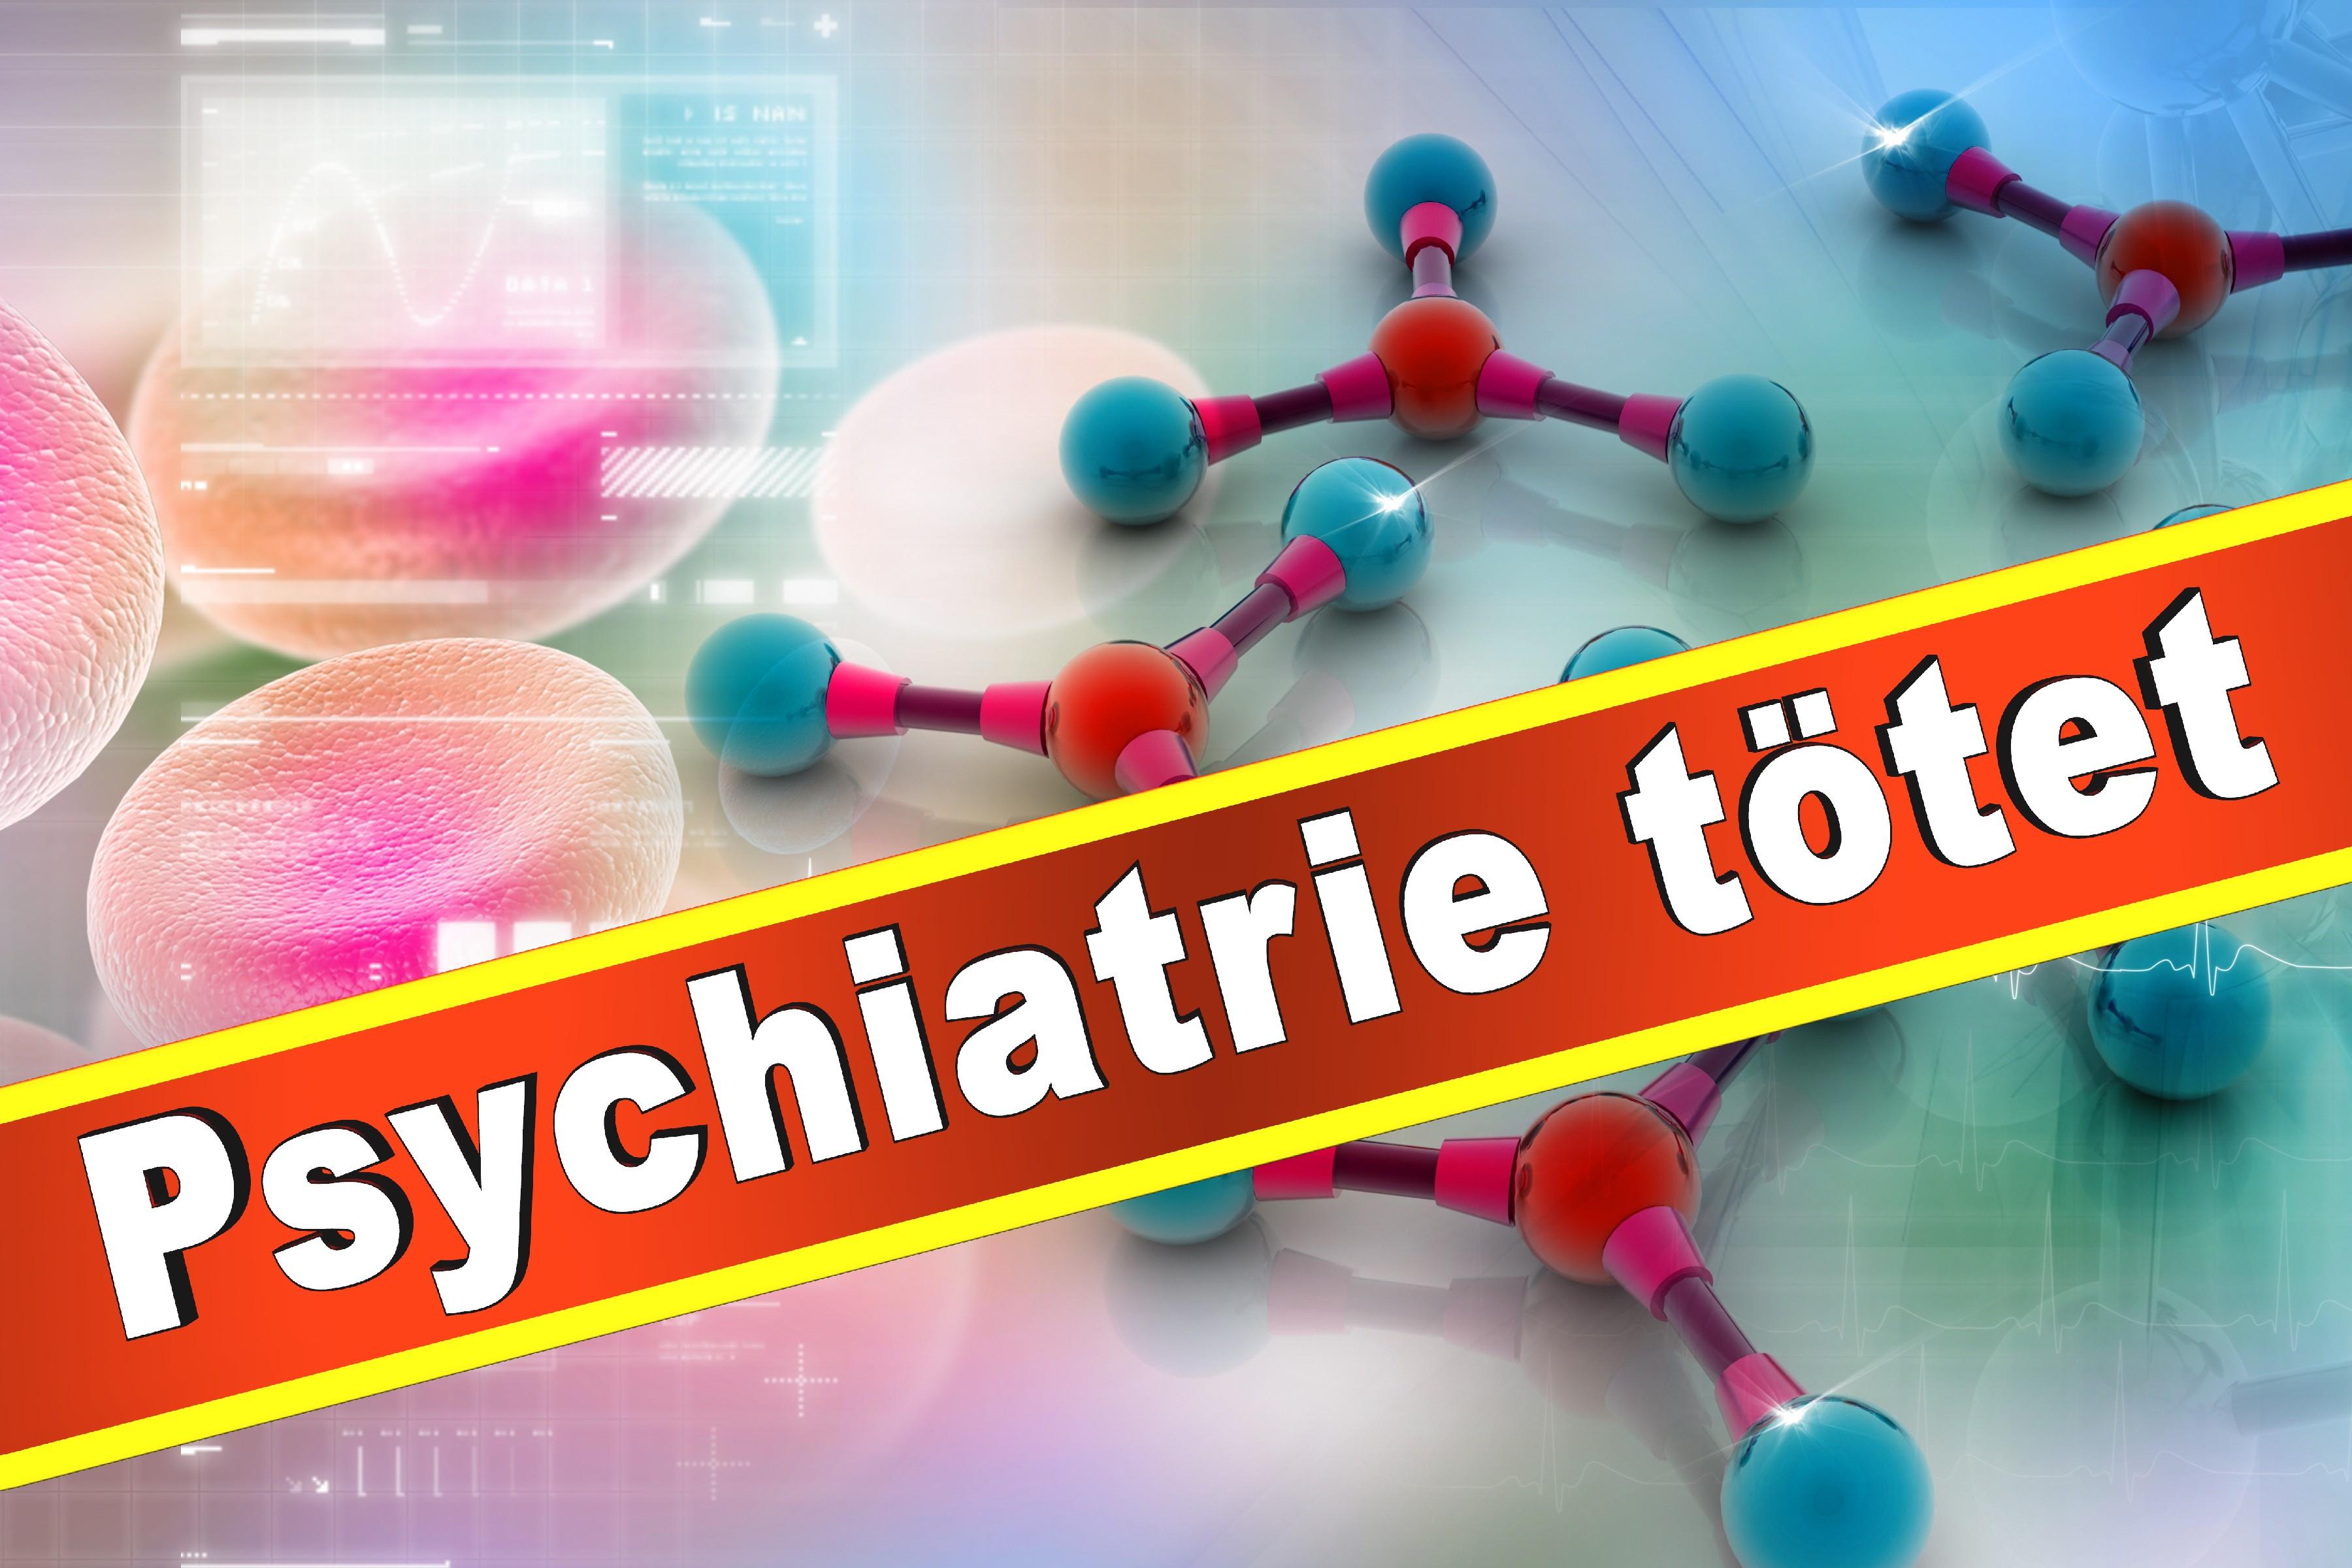 Wielant Machleidt Psychiater Psychotherapeut Professor Praxis Der Interkulturellen Psychiatrie Und Psychotherapie Medizinische Hochschule Hannover Klinik Für Psychiatrie Sozialpsychiatrie (2)